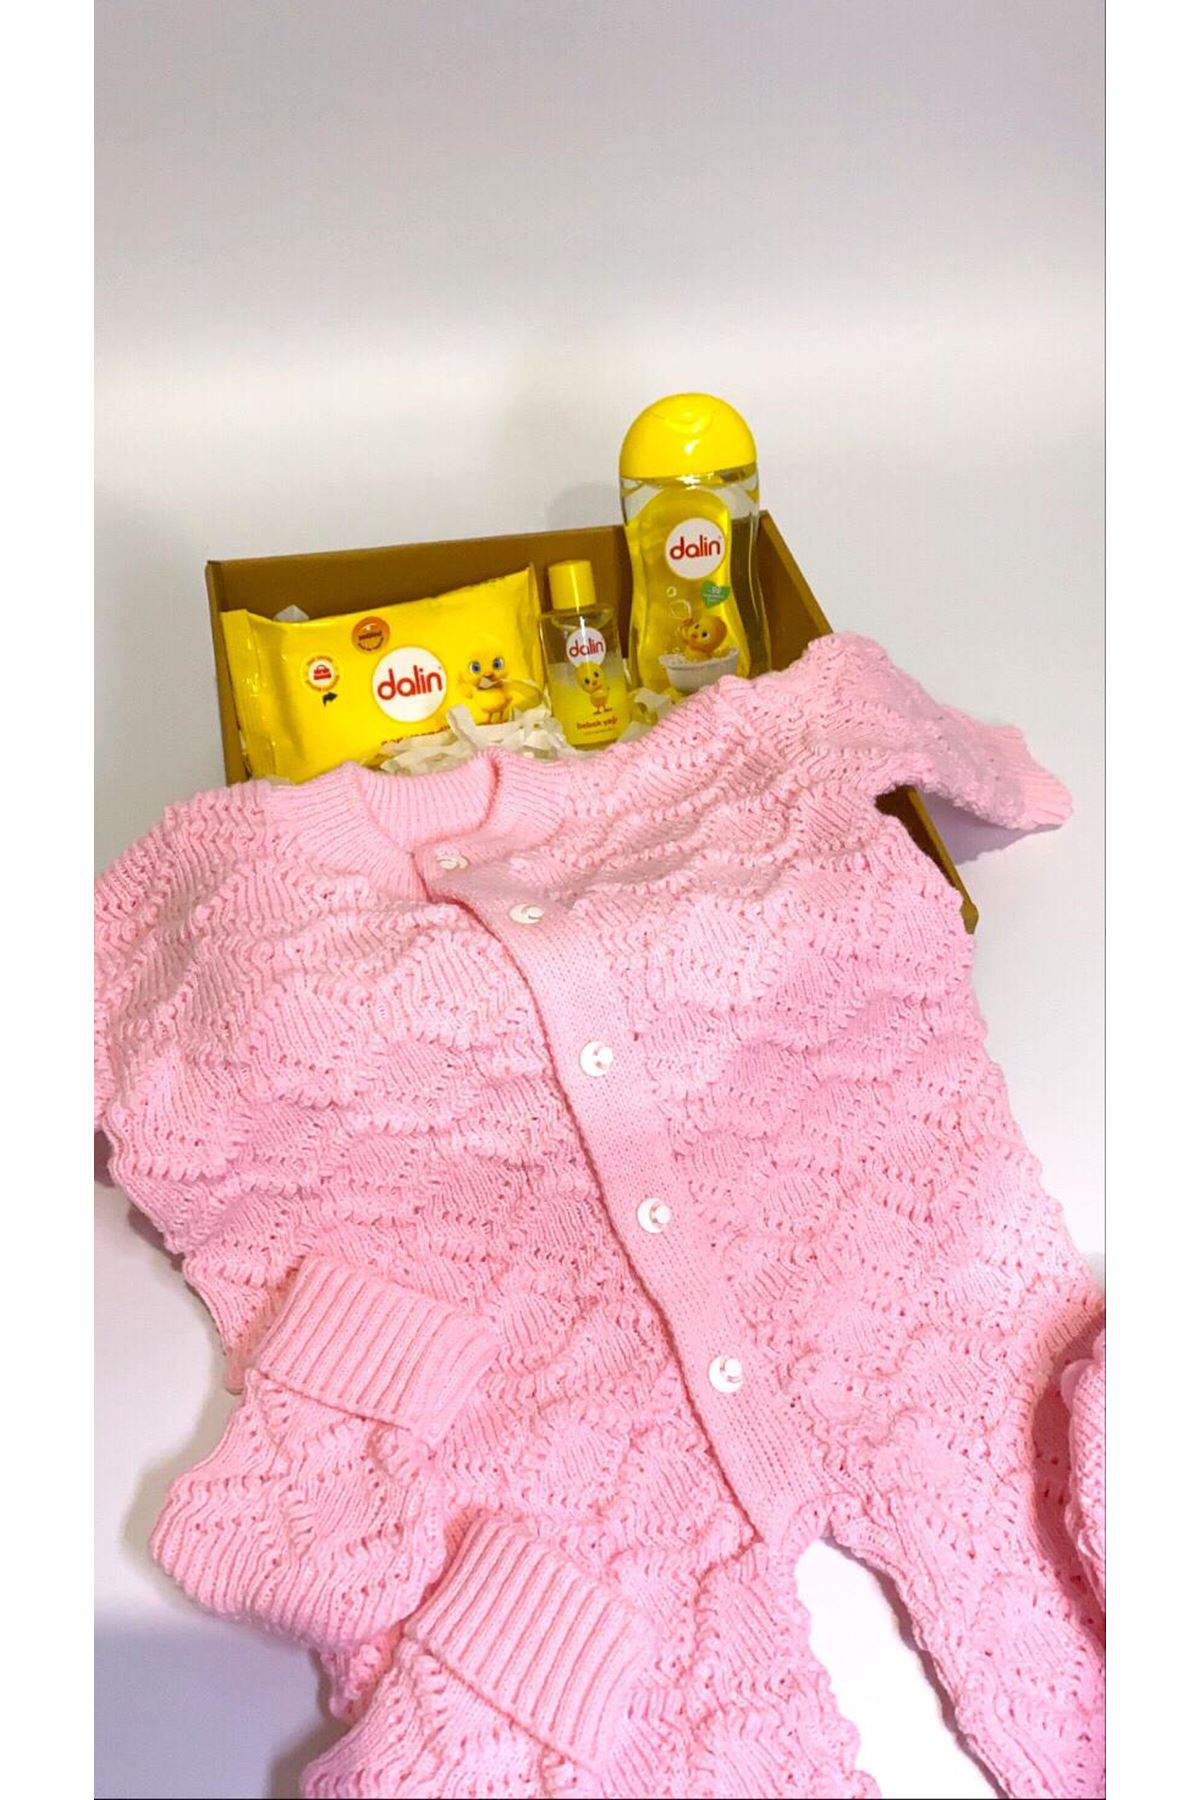 Dalinli ve Bereli Triko Kız Pembe Tulum Bebek Hediye Kutusu